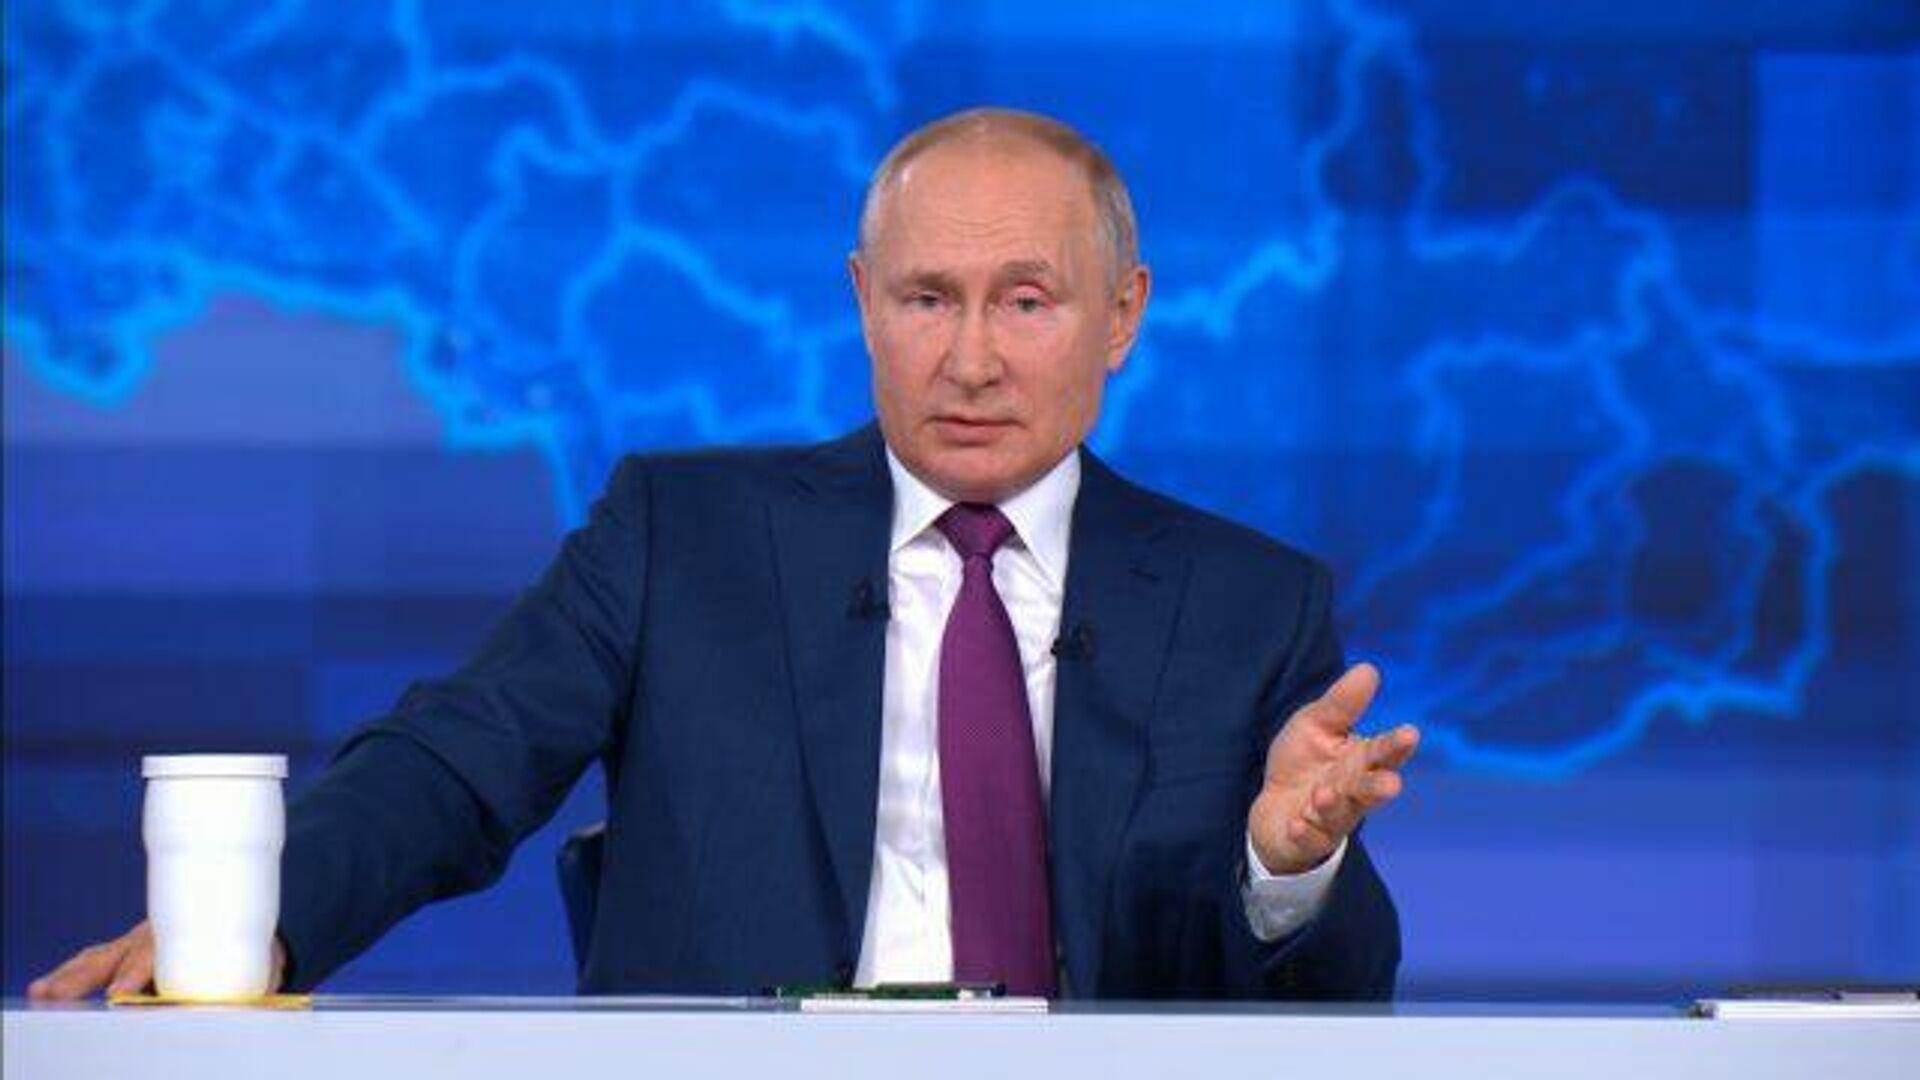 Приперлись к нашим границам – Путин об учениях на Украине с участием НАТО - РИА Новости, 1920, 30.06.2021